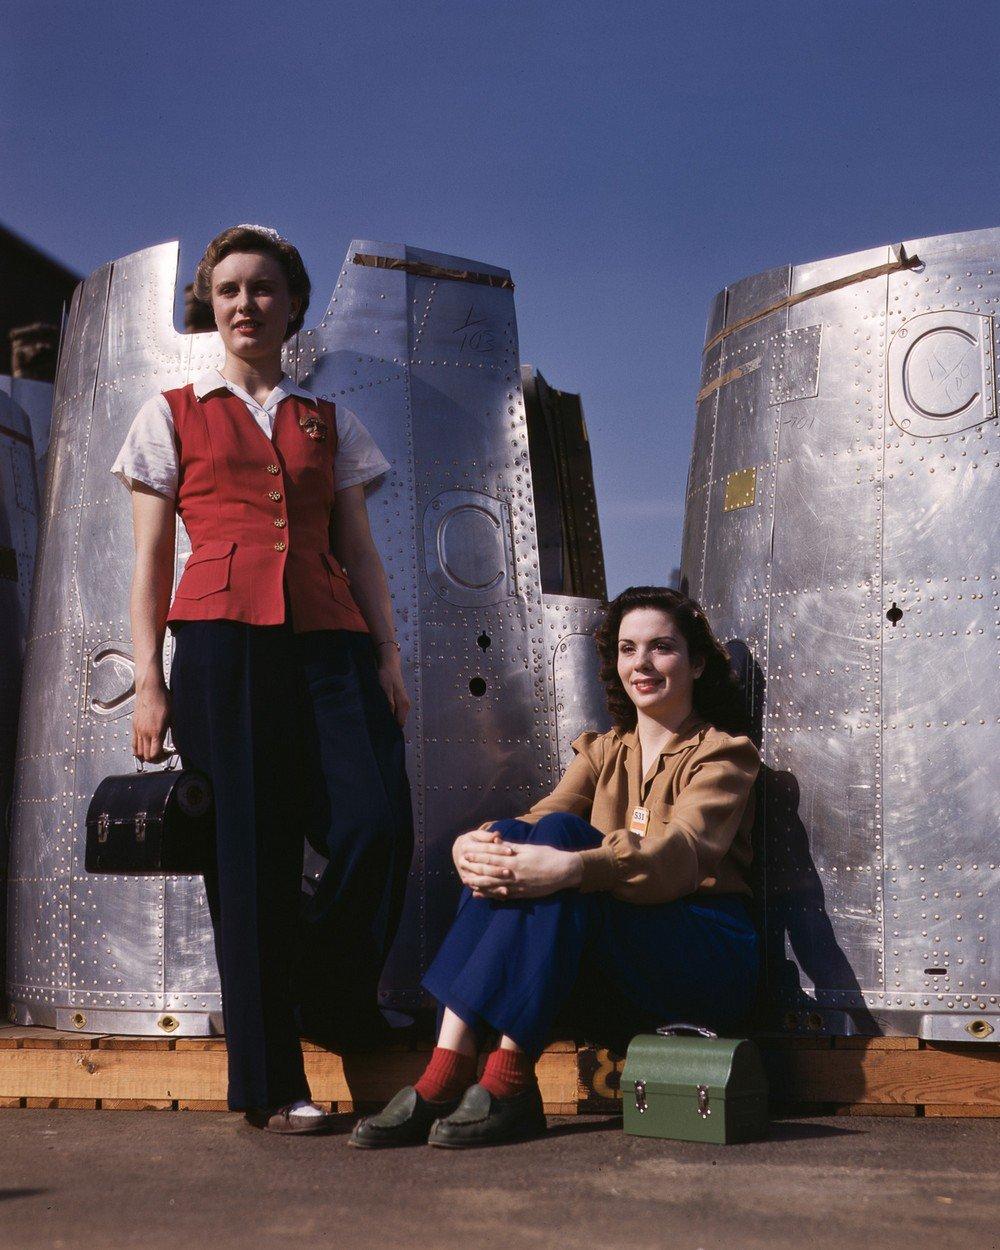 womenworkers-28